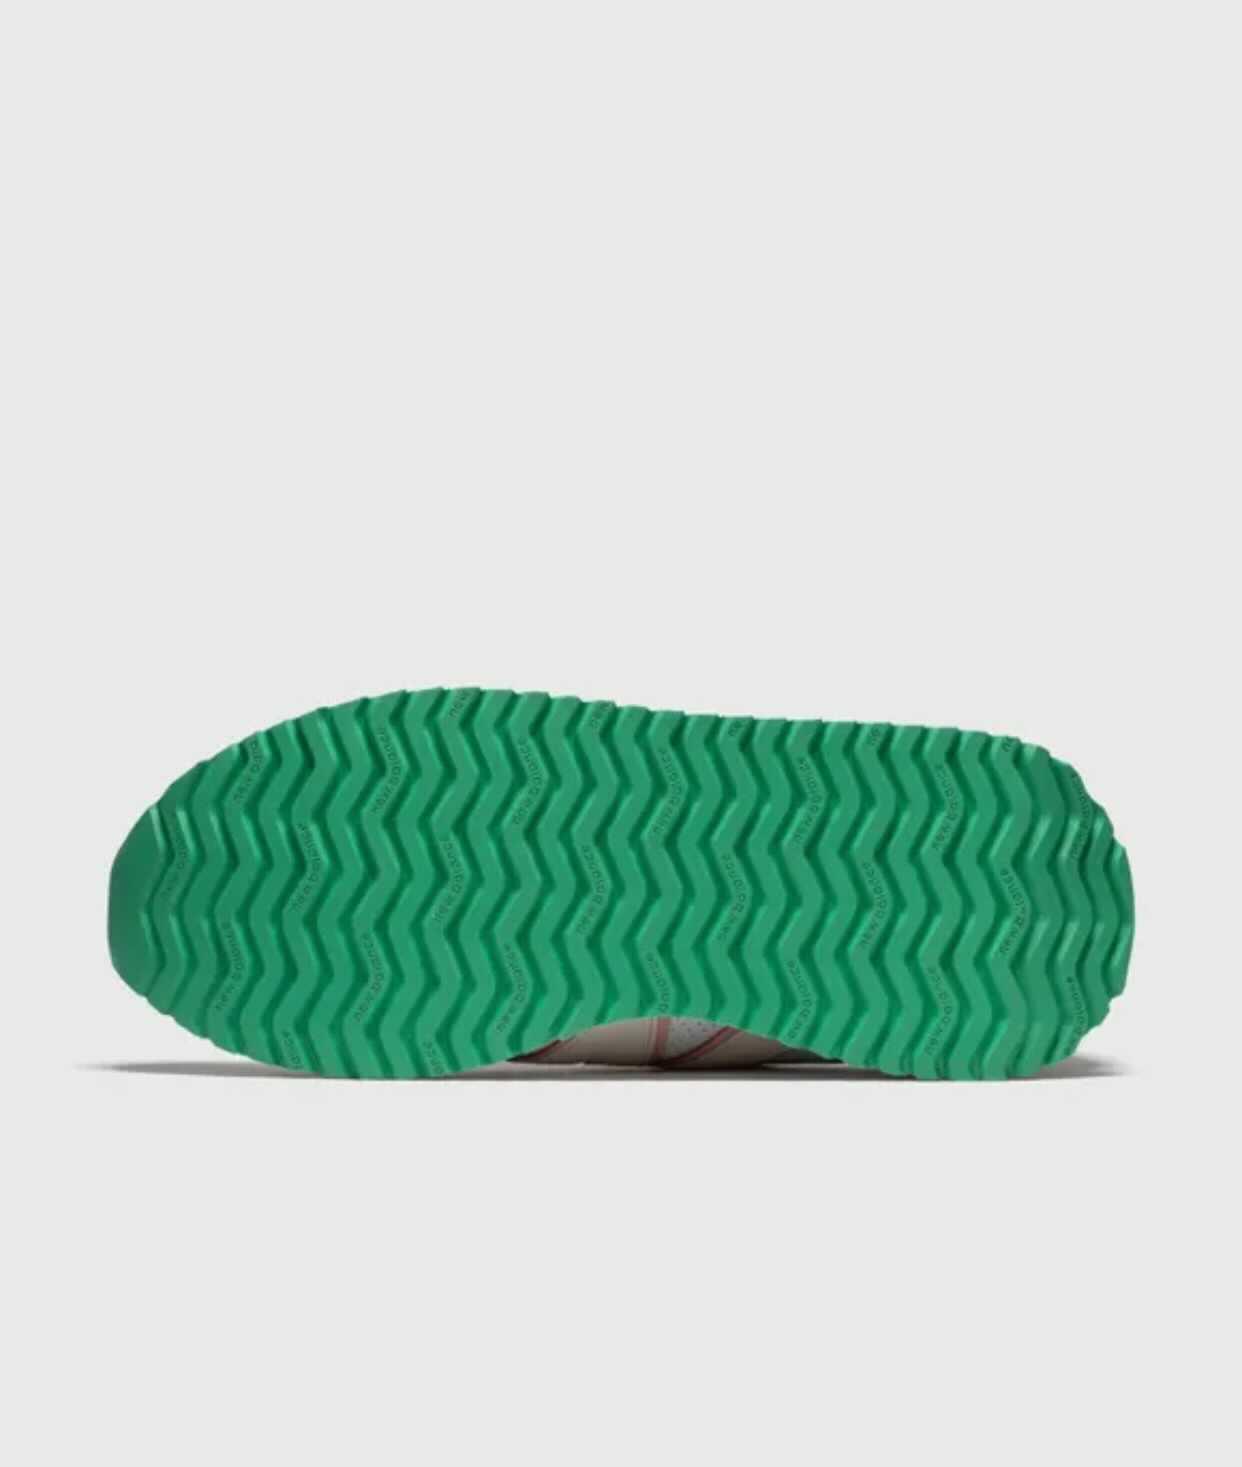 カサブランカ ニューバランス コラボ 237 モノグラム エディション casablanca-x-new-balance-237-monogram-white-green main